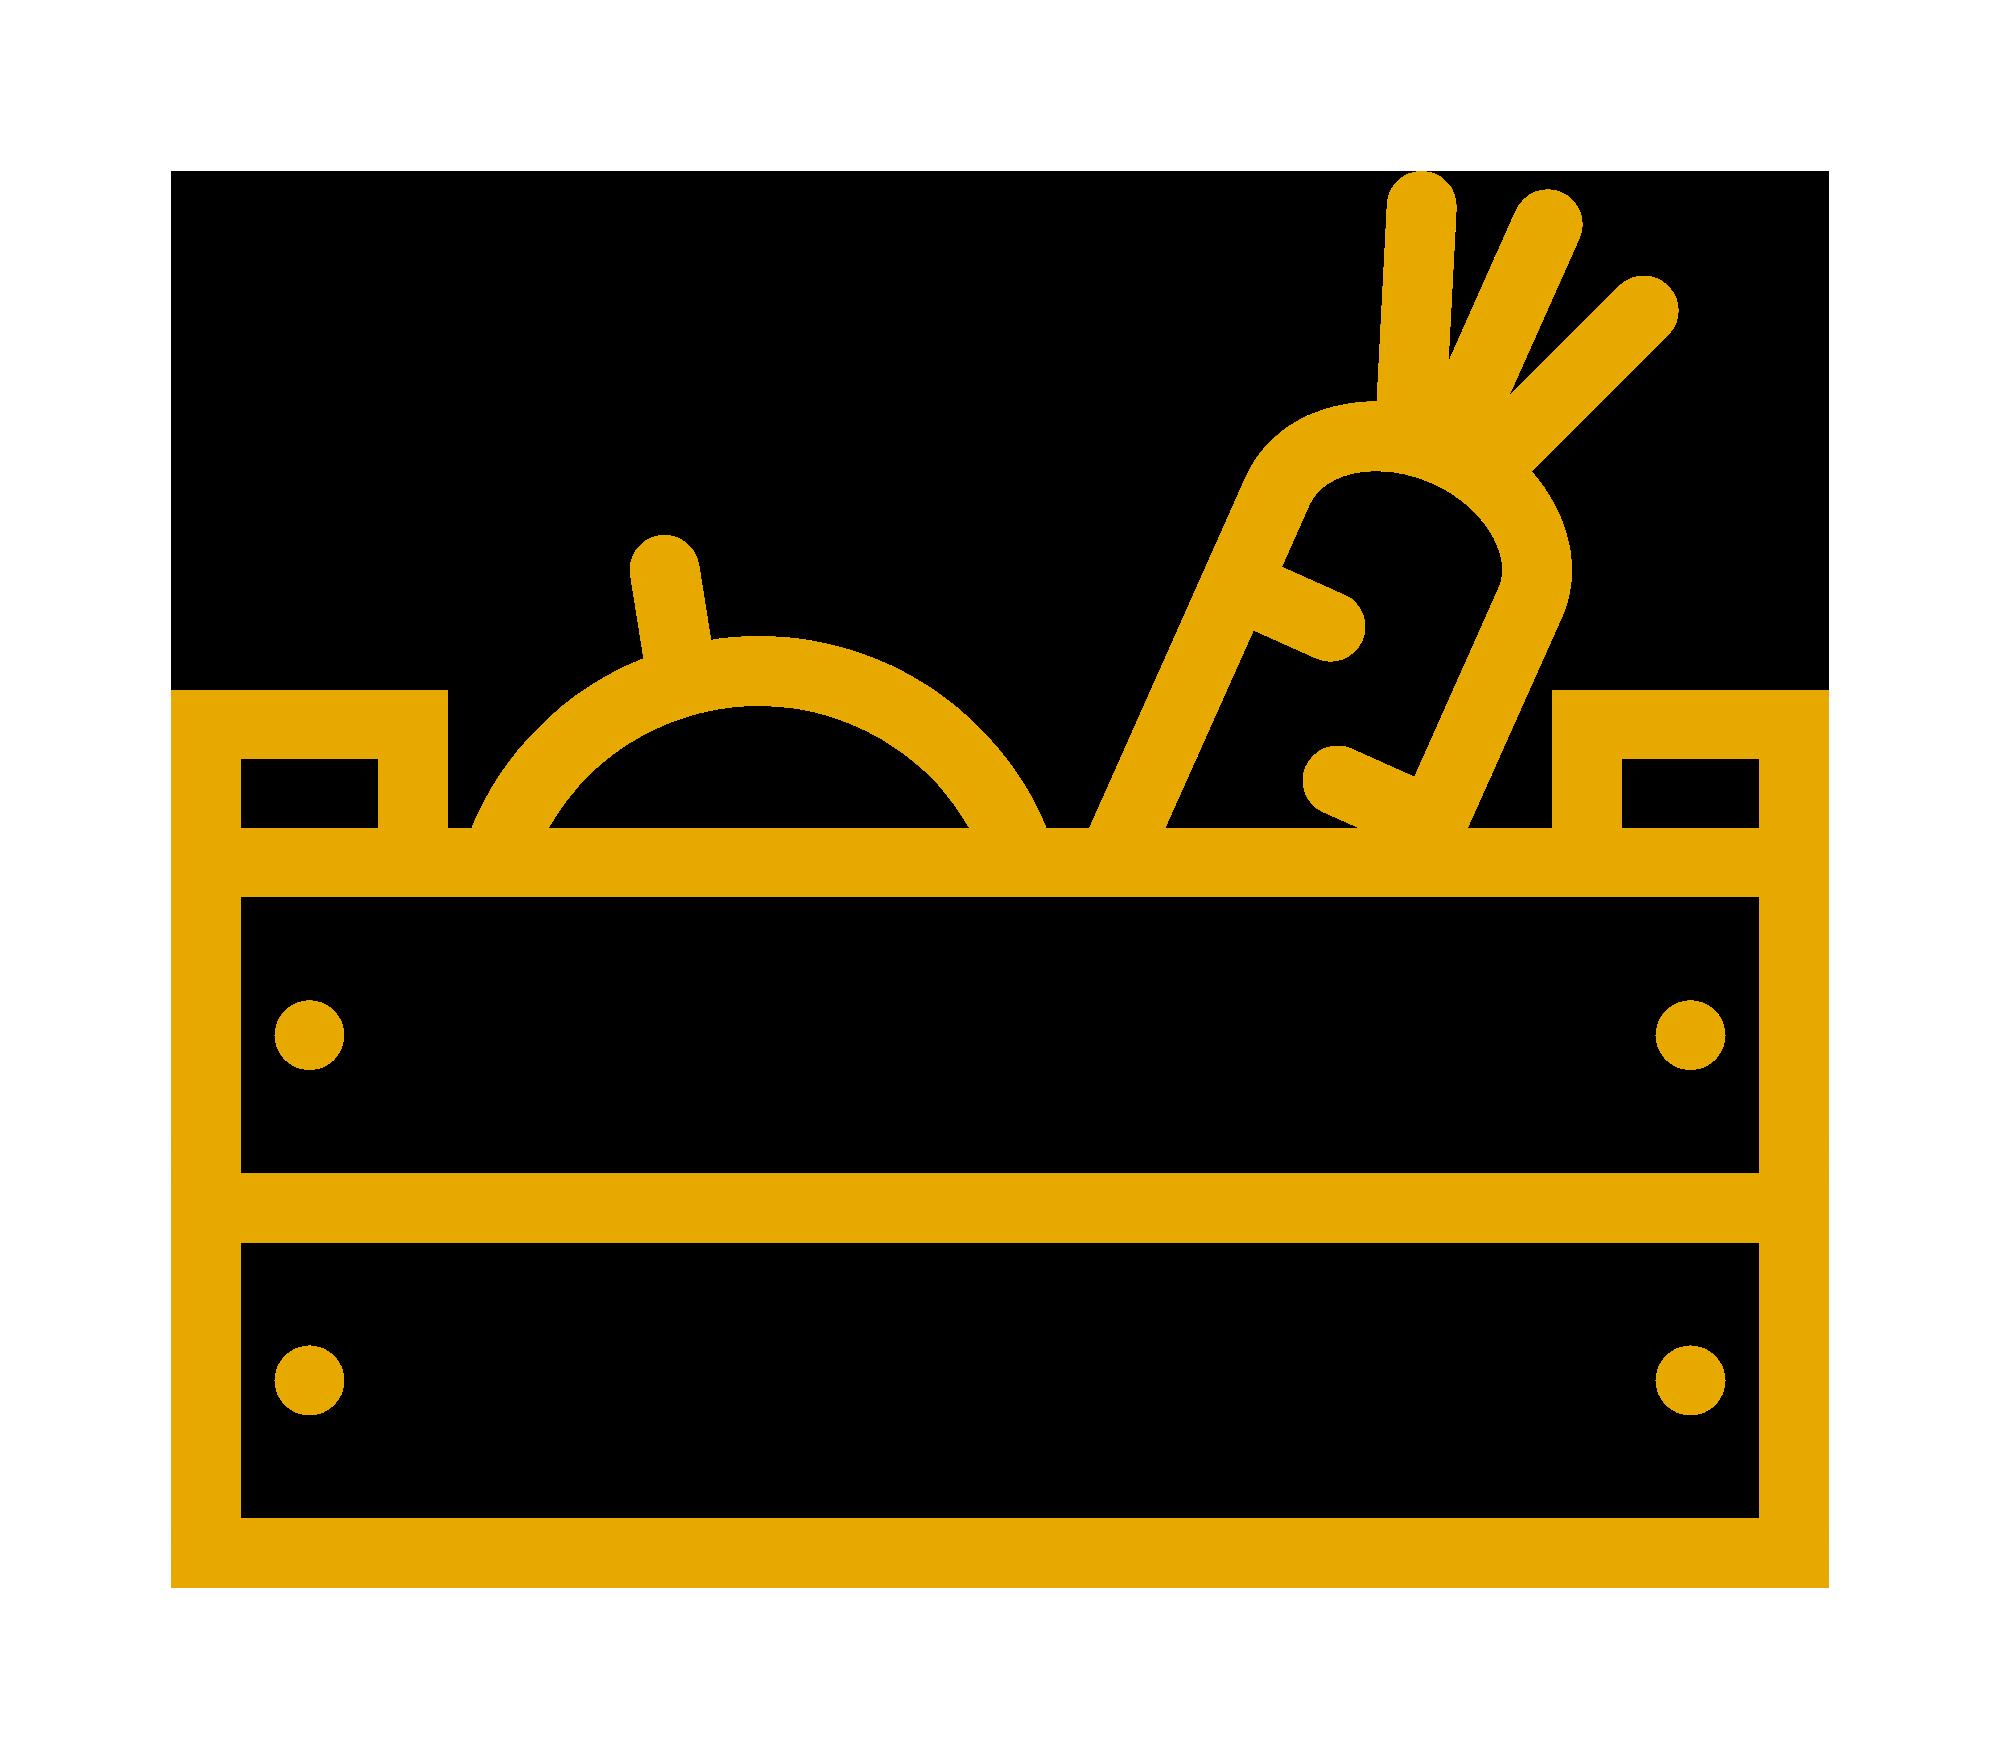 Mieline traiteur et plats a emporter Roubaix Lille Logo bleu 00010